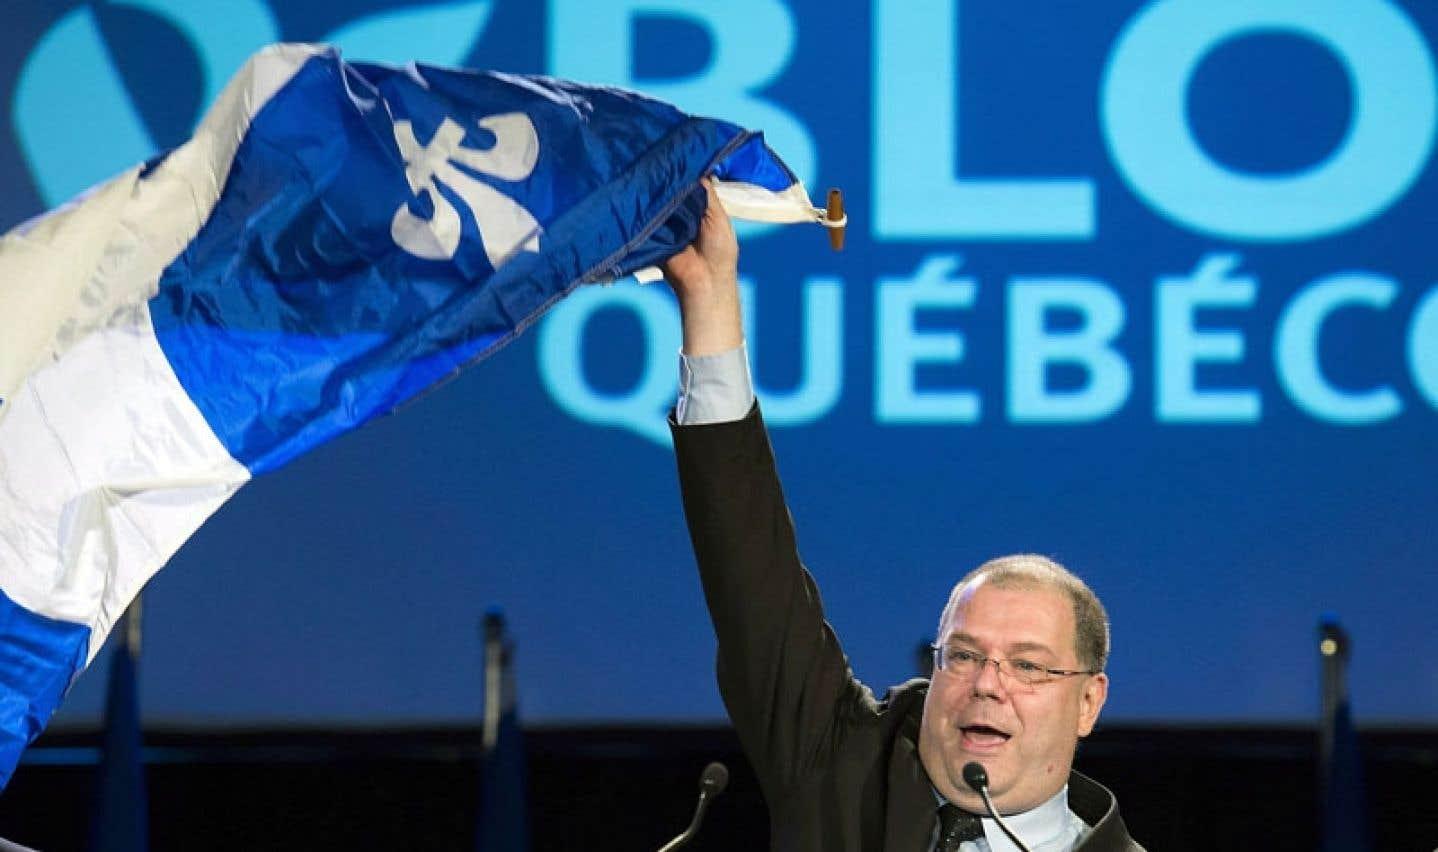 Le chef bloquiste, Mario Beaulieu, s'est entretenu avec Gilles Duceppe, Bernard Landry et Daniel Paillé pour les inviter à former un groupe de réflexion.